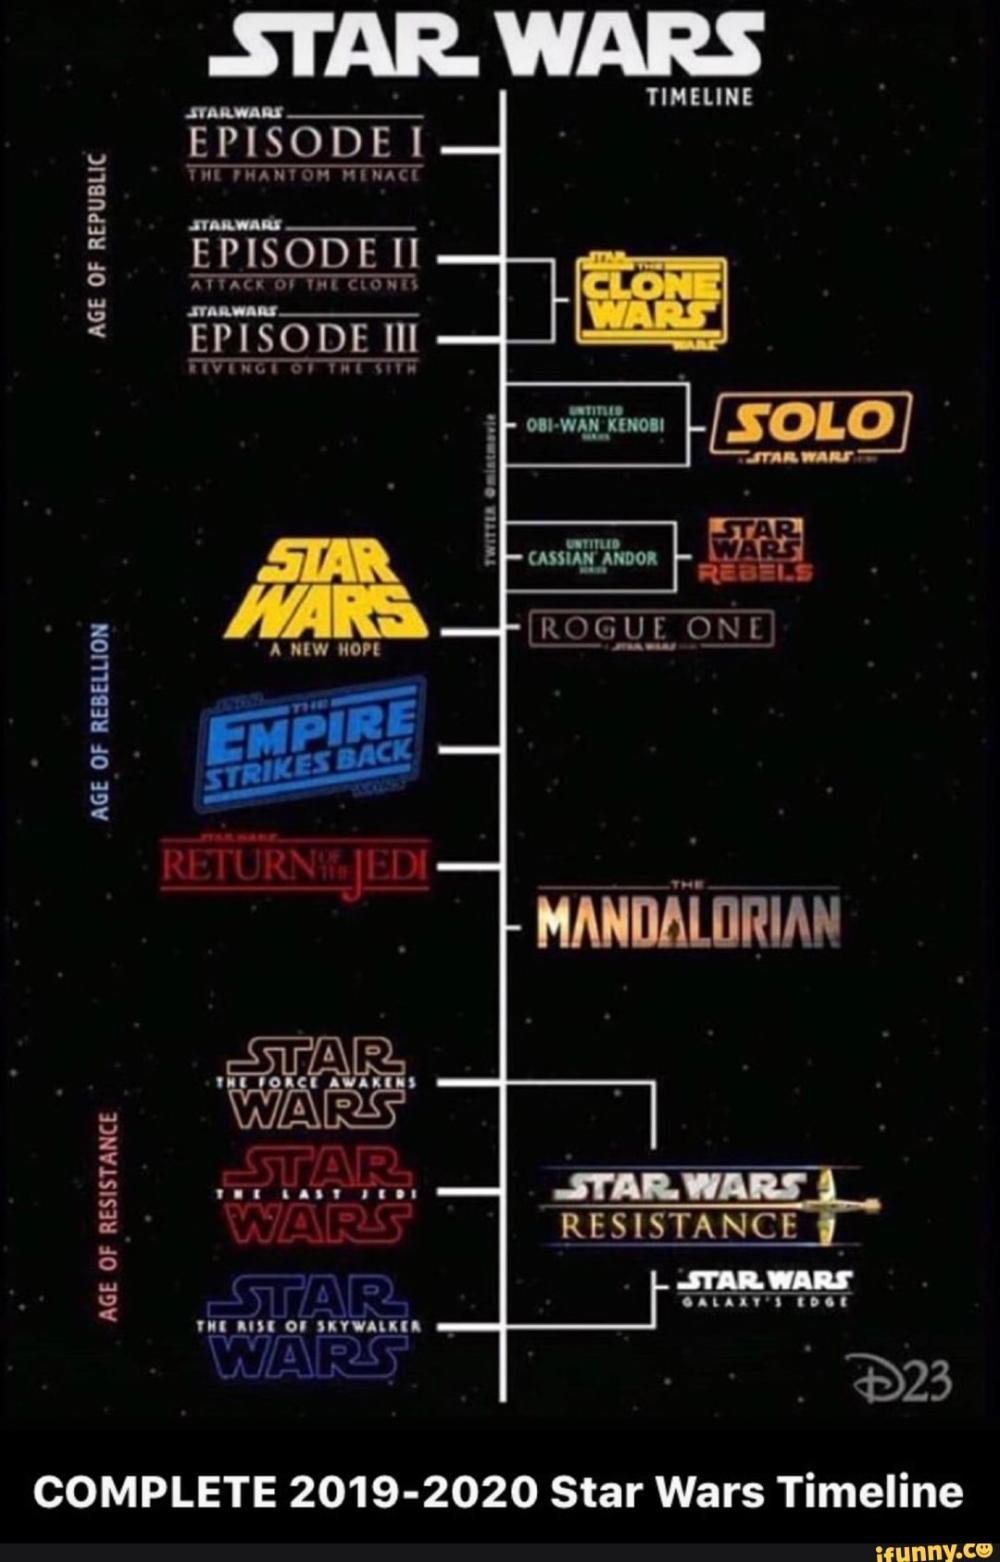 Star Wars Timeline Old Republic : timeline, republic, COMPLETE, 2019-2020, Timeline, IFunny, Timeline,, Geek,, Movie